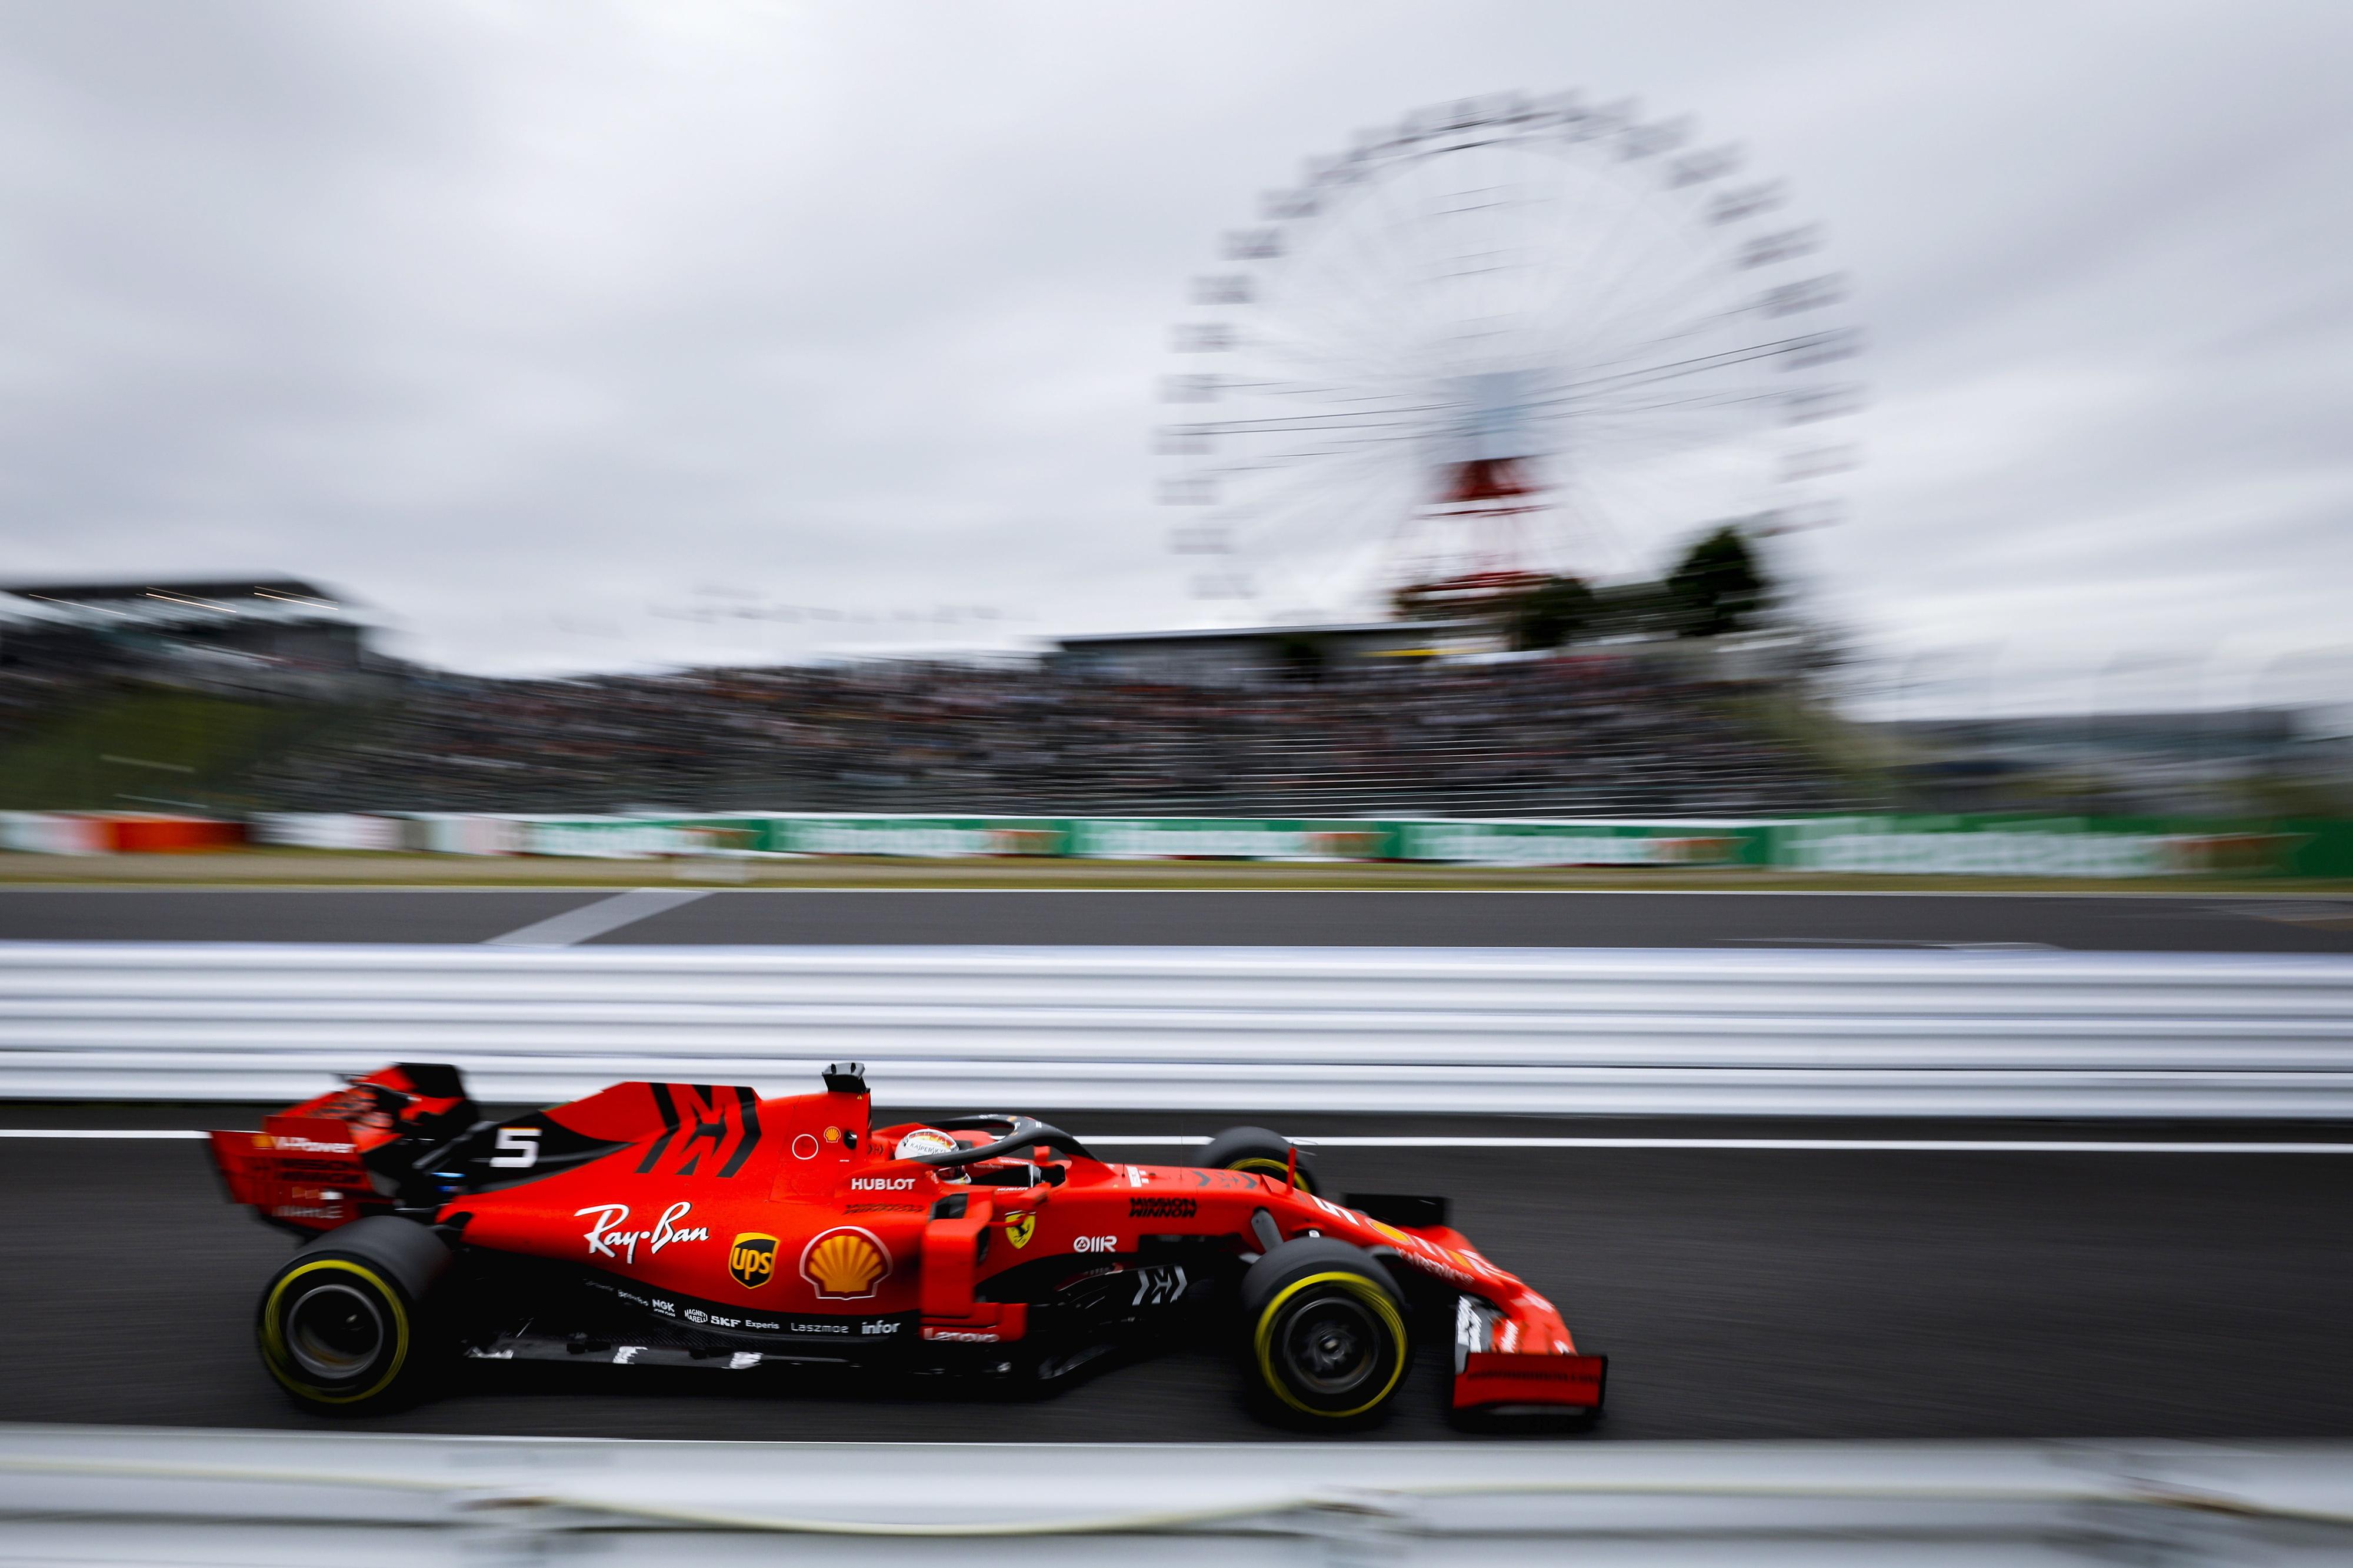 Piloto alemão Sebastian Vettel conquista 'pole position' no Grande Prémio do Japão